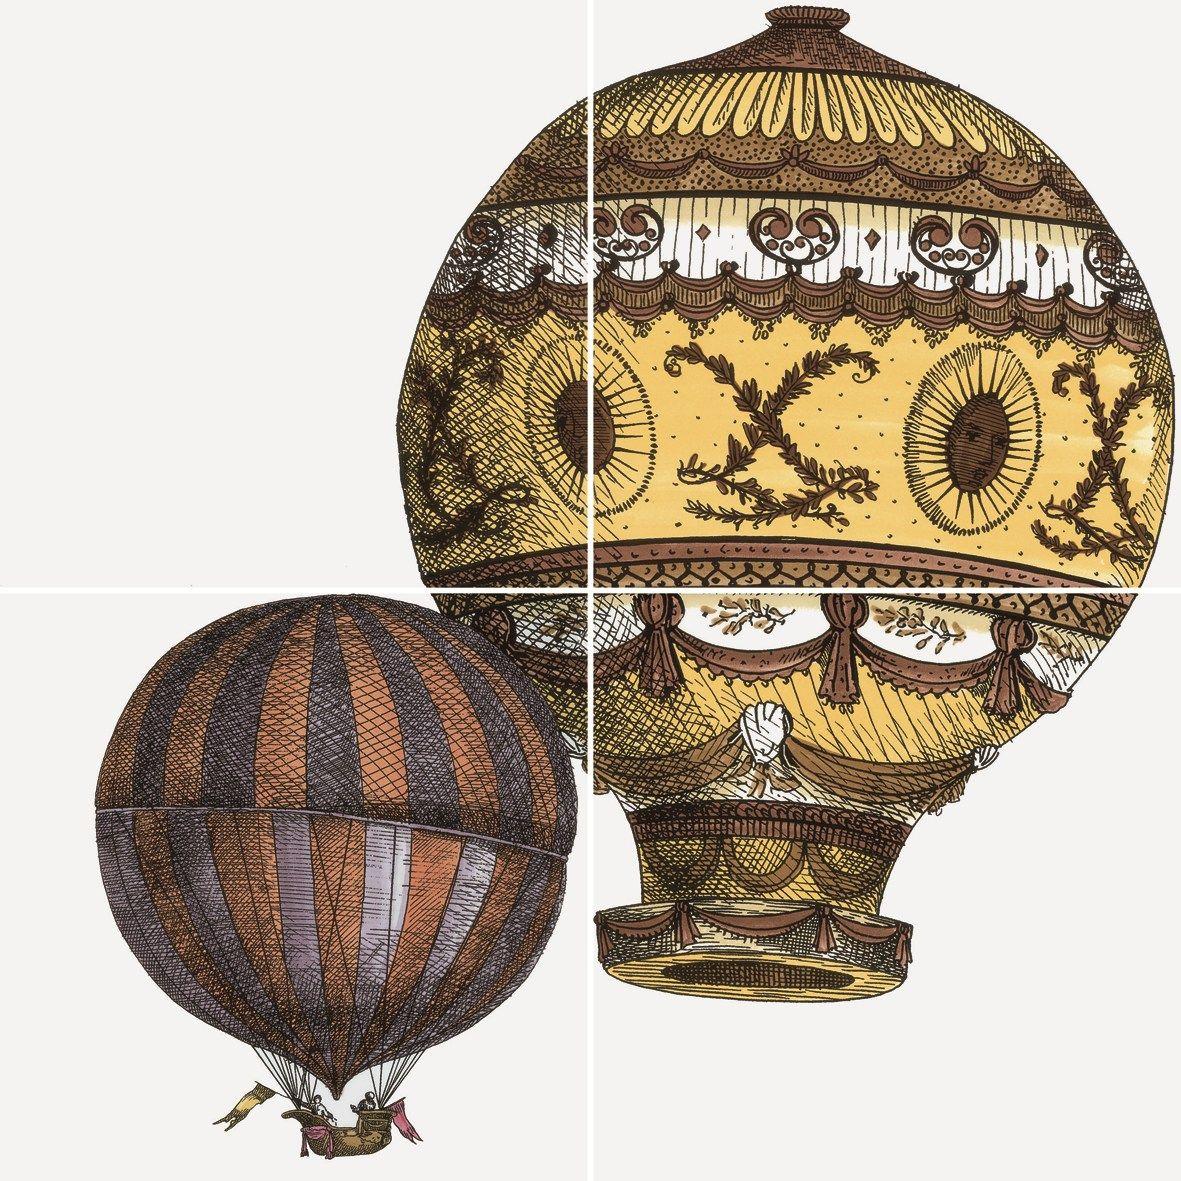 Rivestimento in ceramica macchine volanti by ceramica bardelli - Piastrelle fornasetti ebay ...